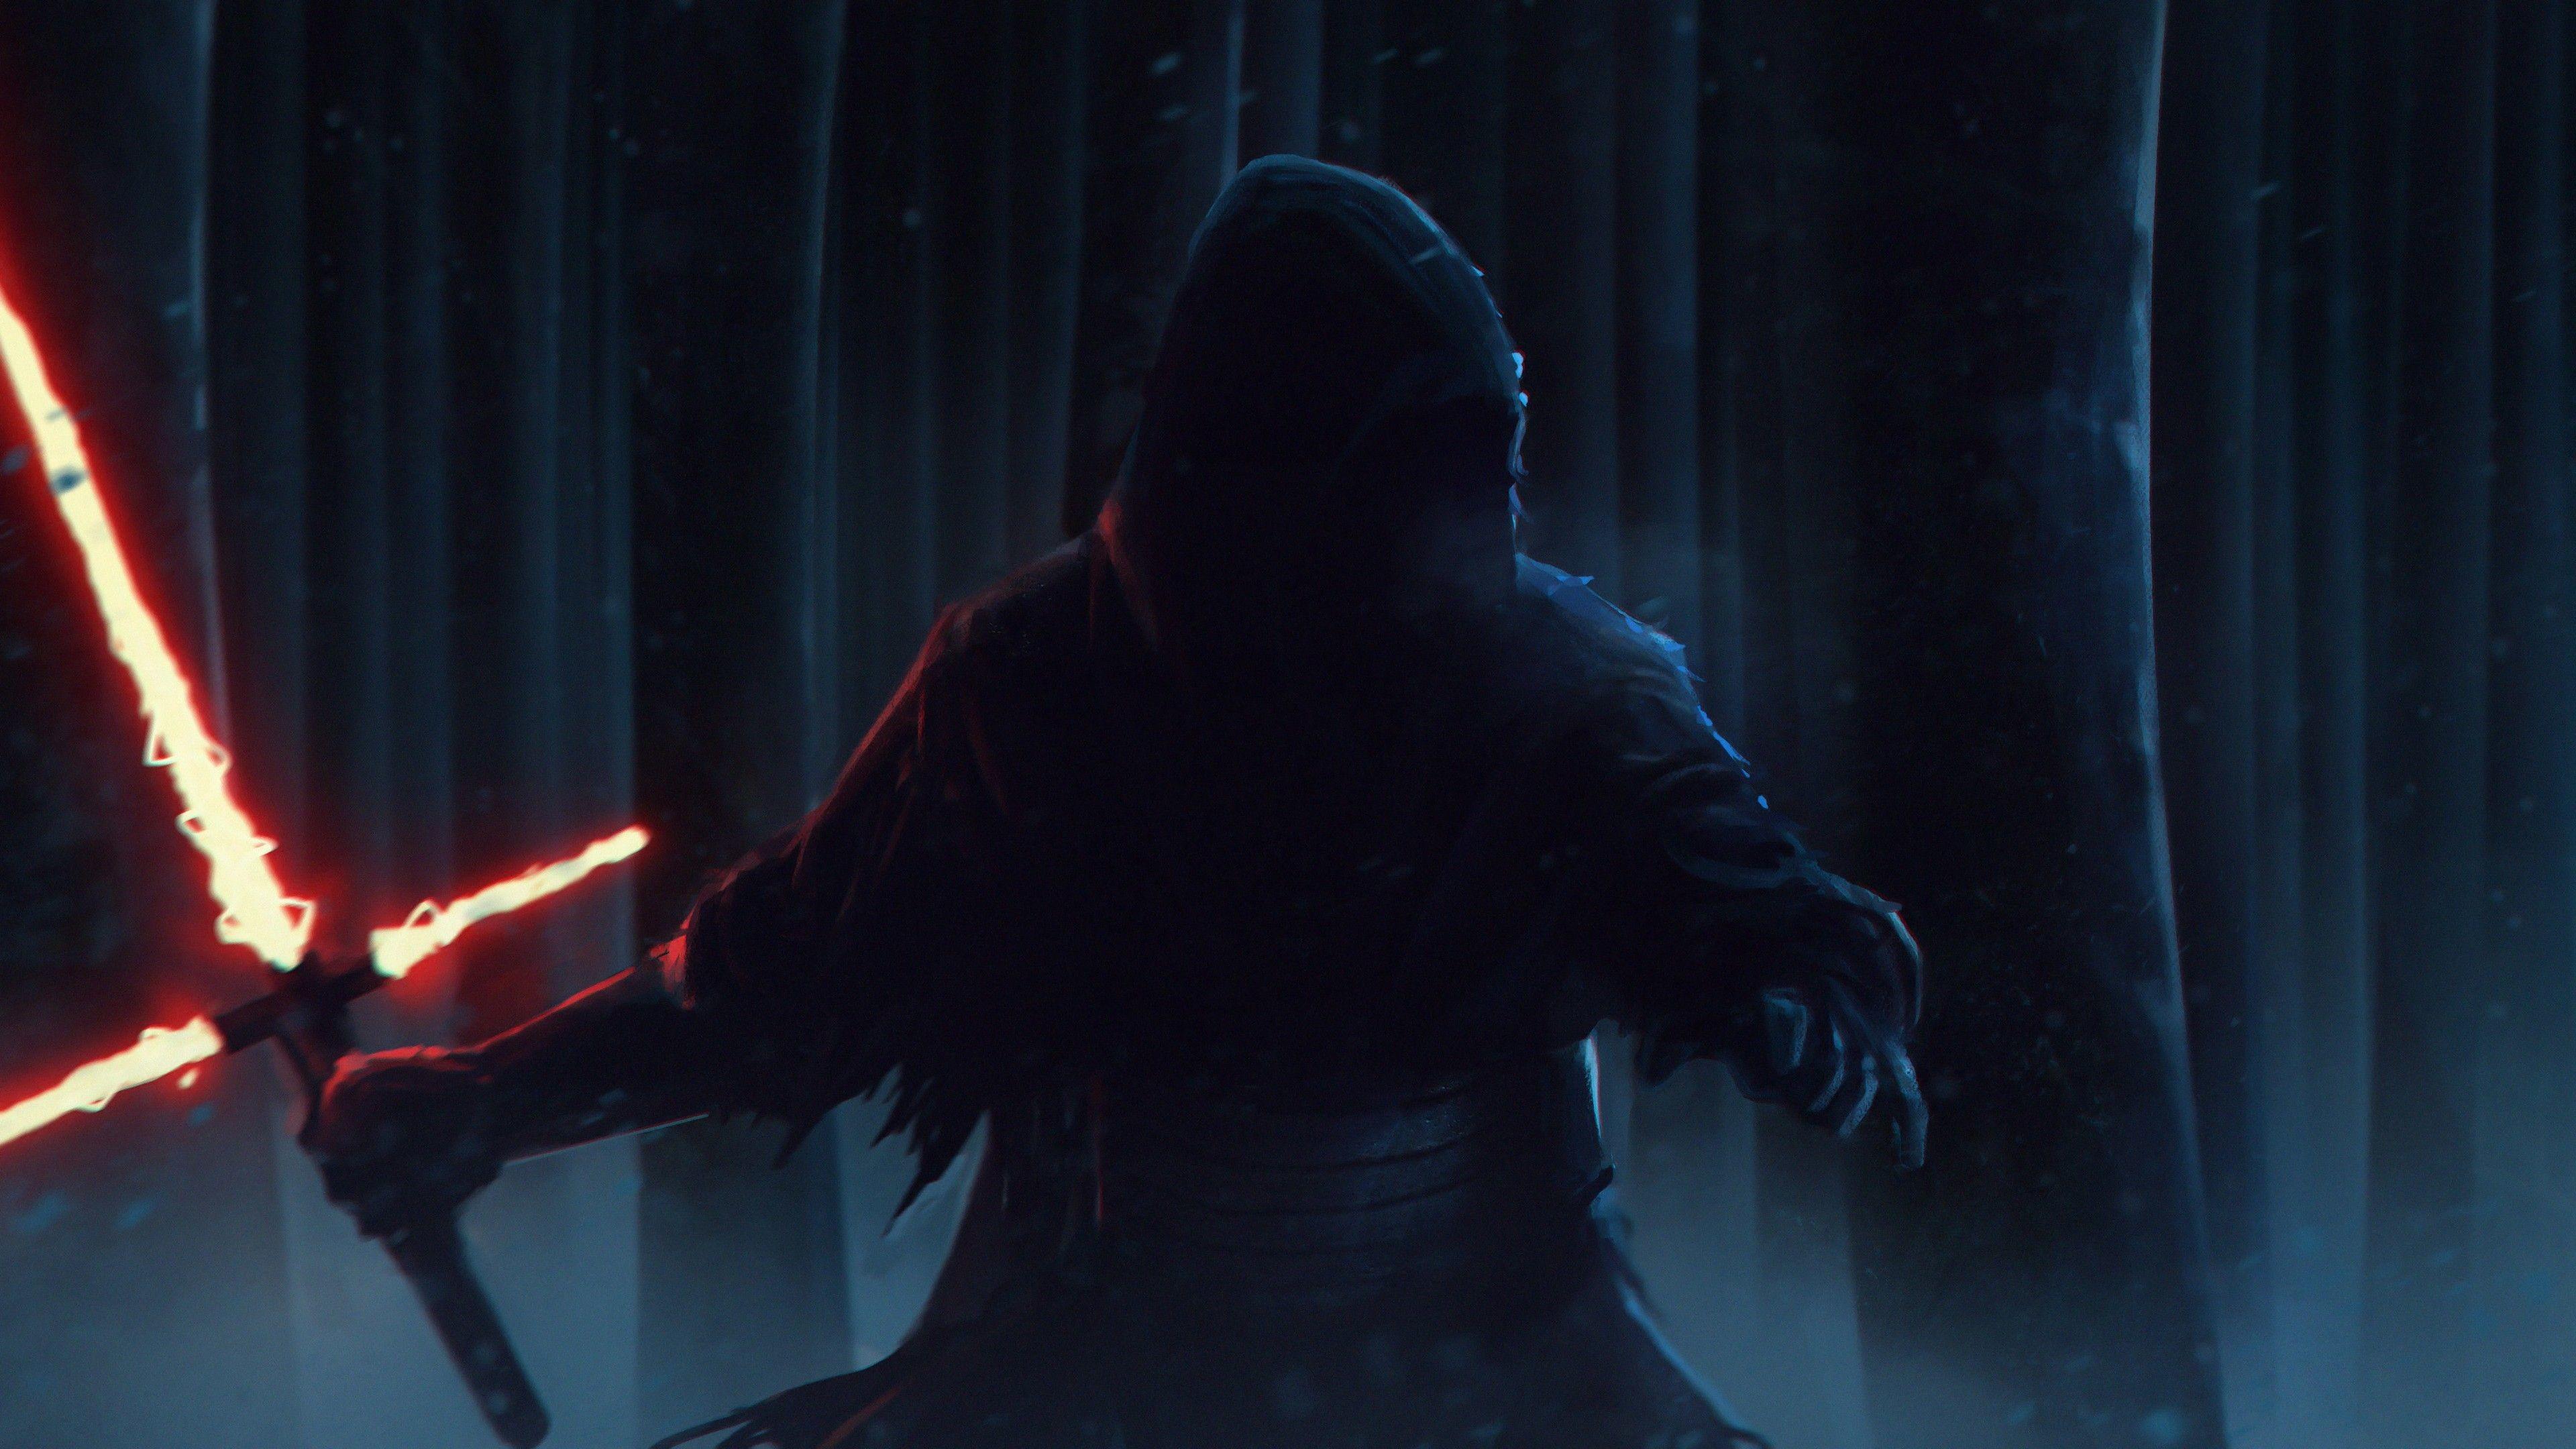 Movie-Kylo-Ren-Wallpaper-Star-Wars-7.jpg